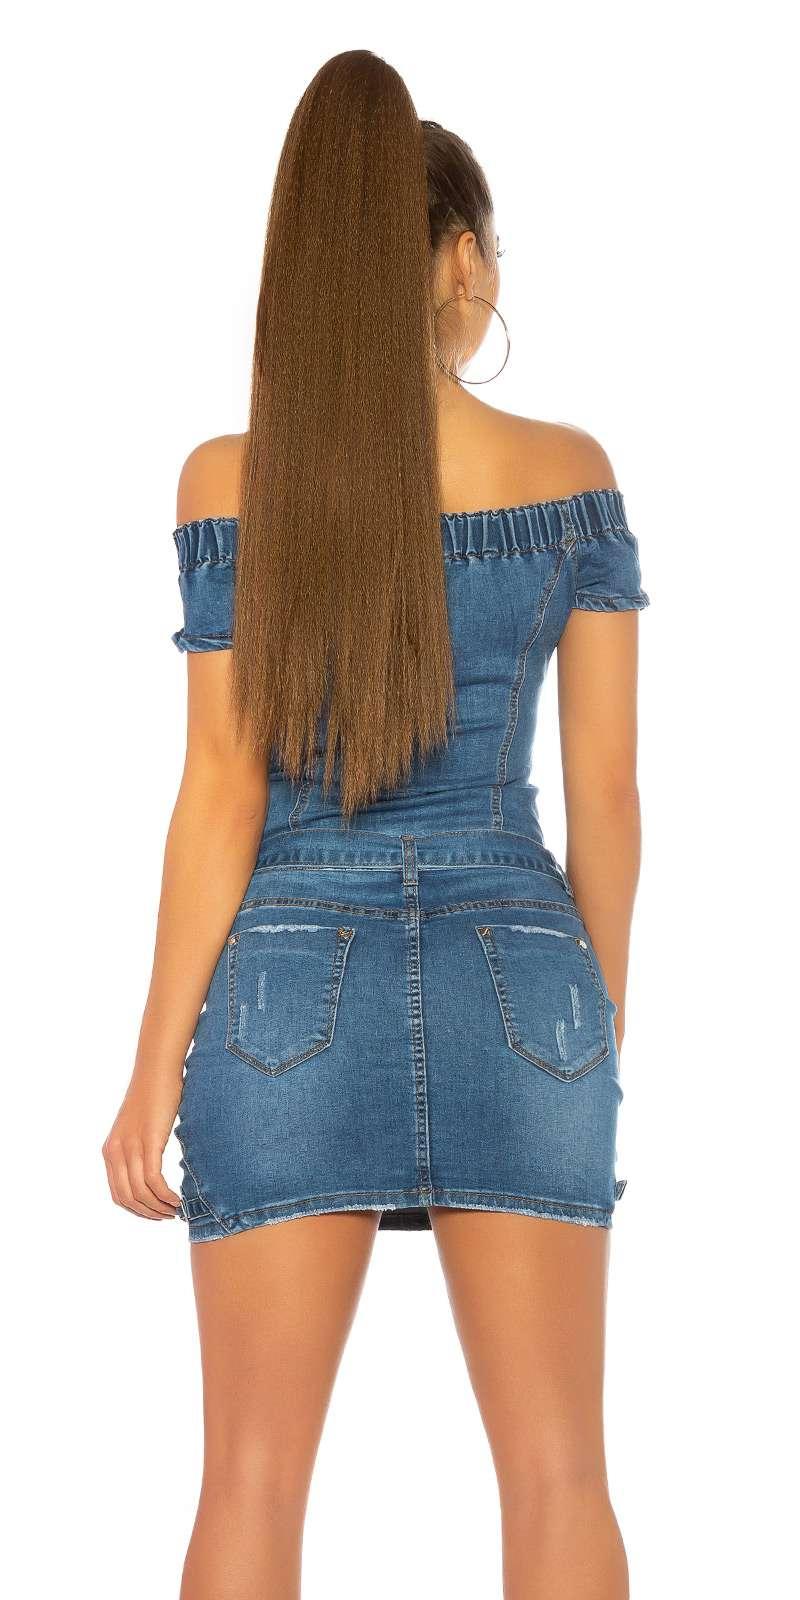 Jeans Minikleid